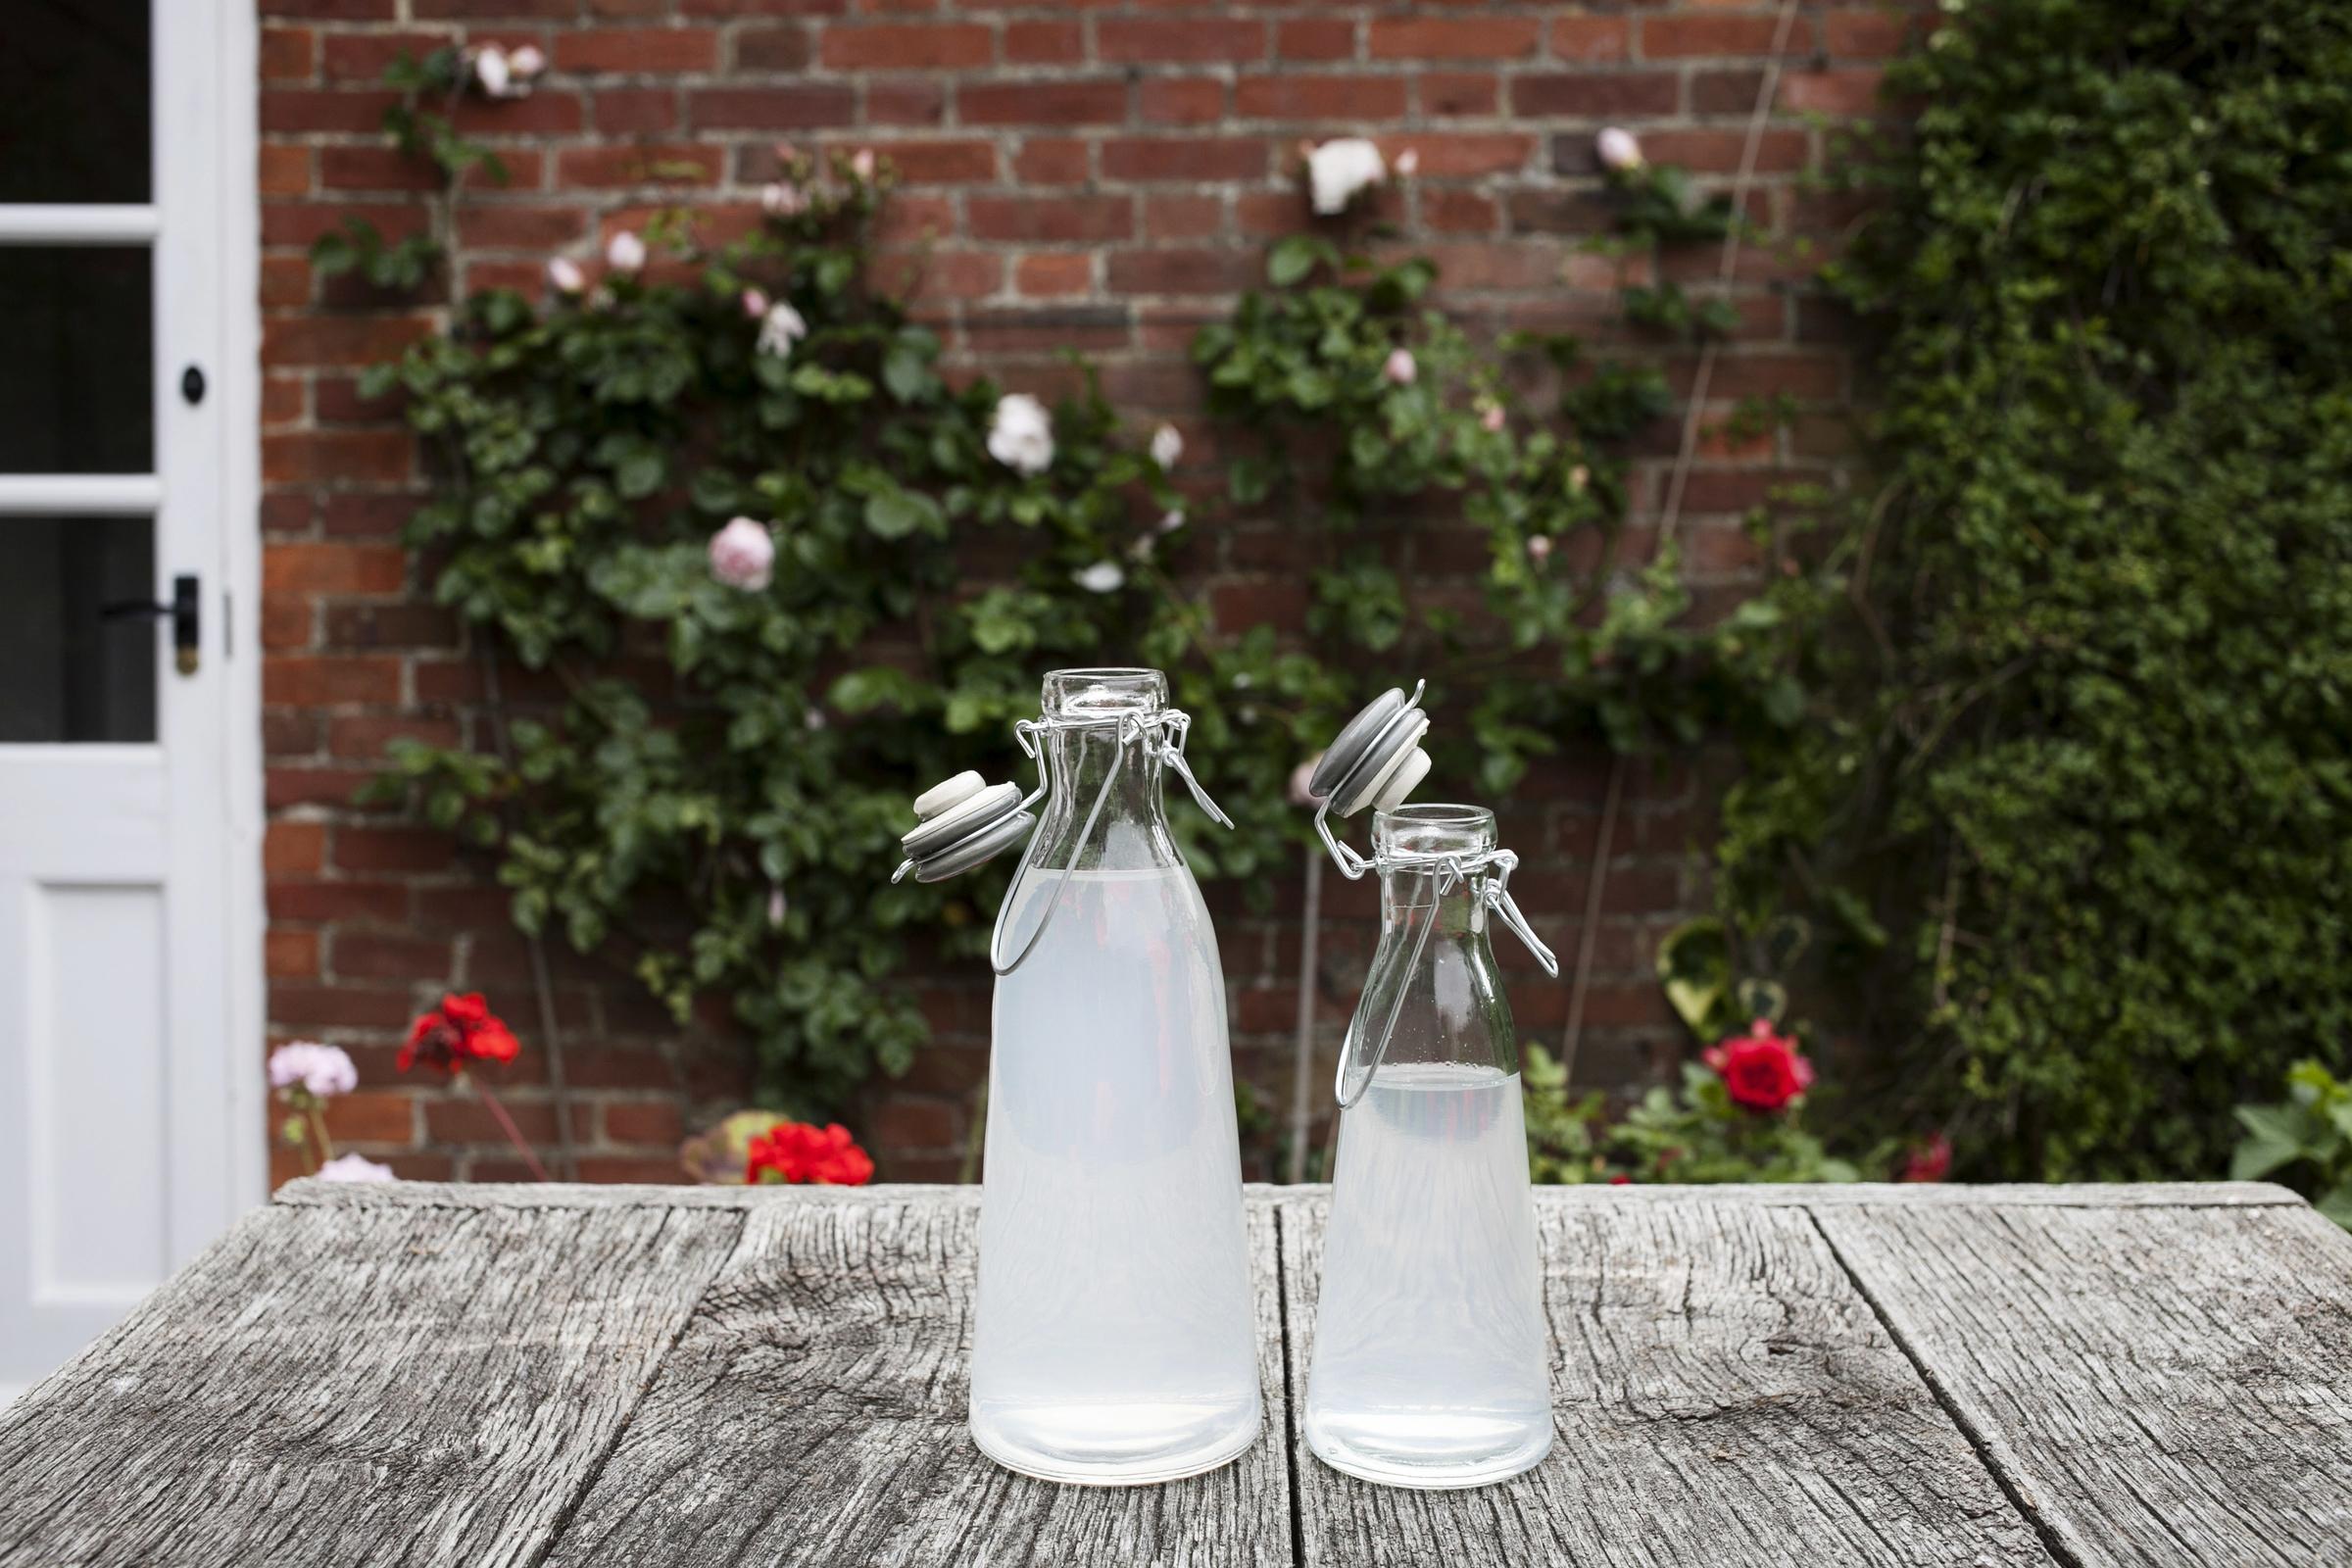 Vintage bottles on Burlanes online store